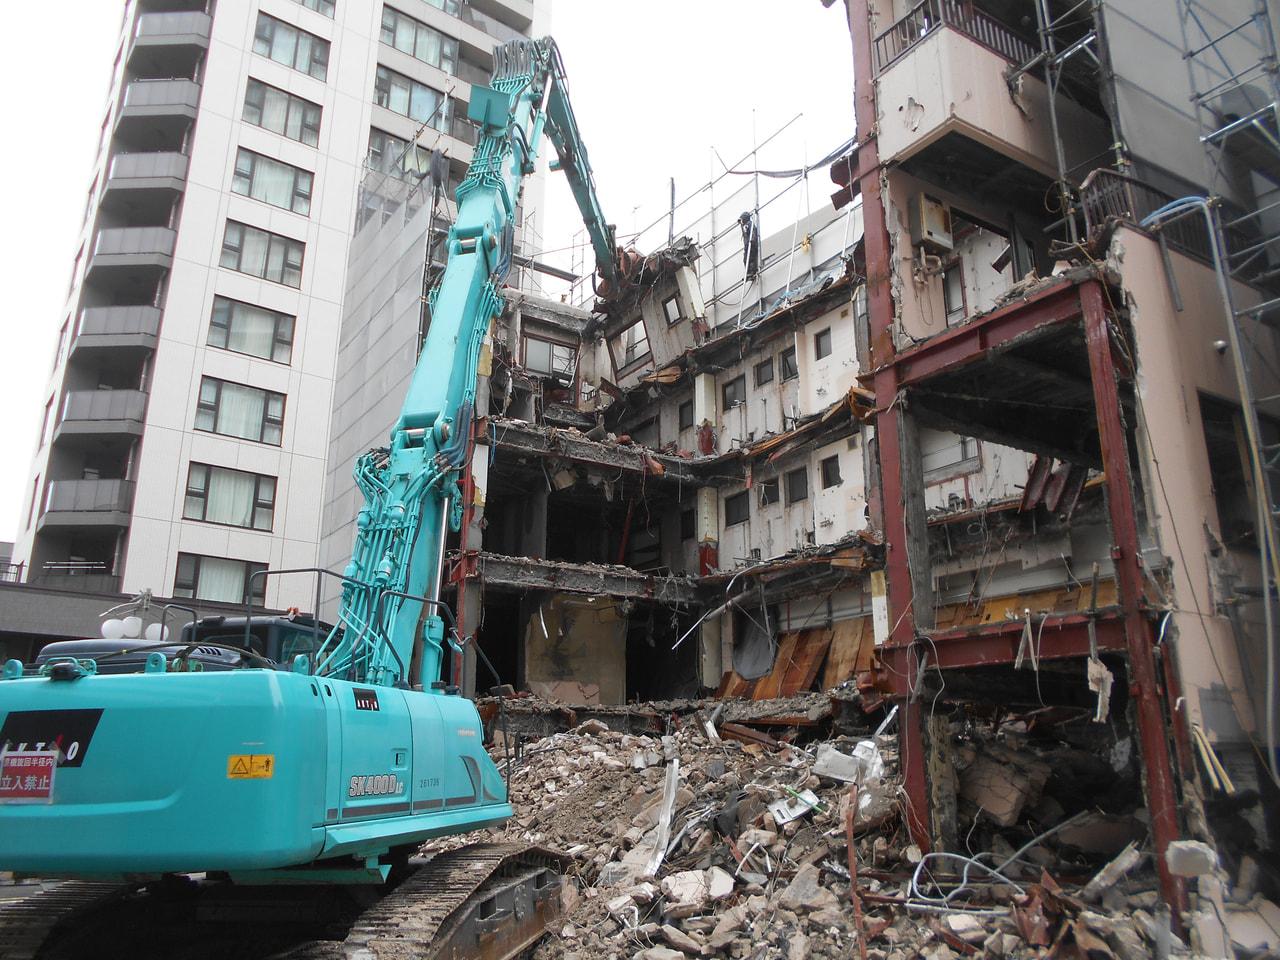 板橋区 鉄骨造解体工事 解体中